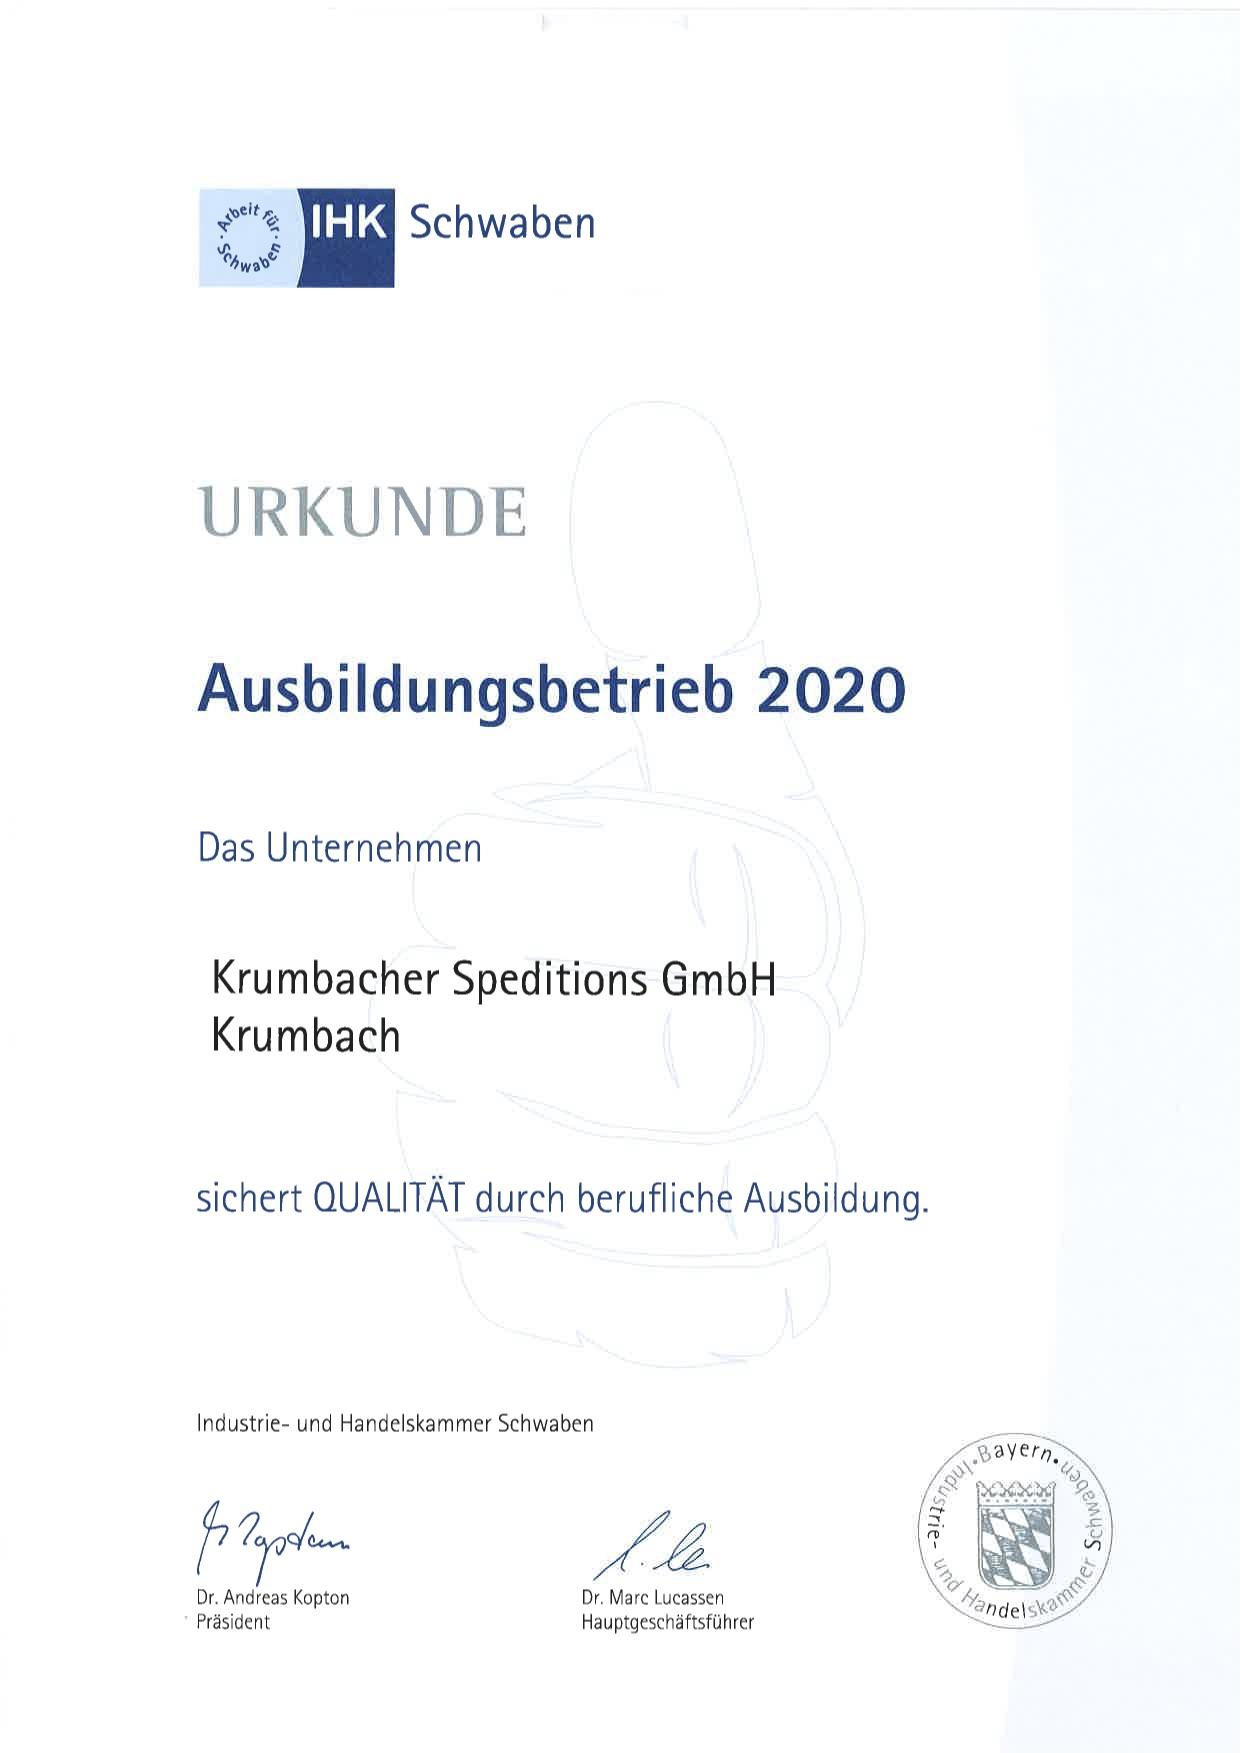 ausbildungsbetrieb_2020